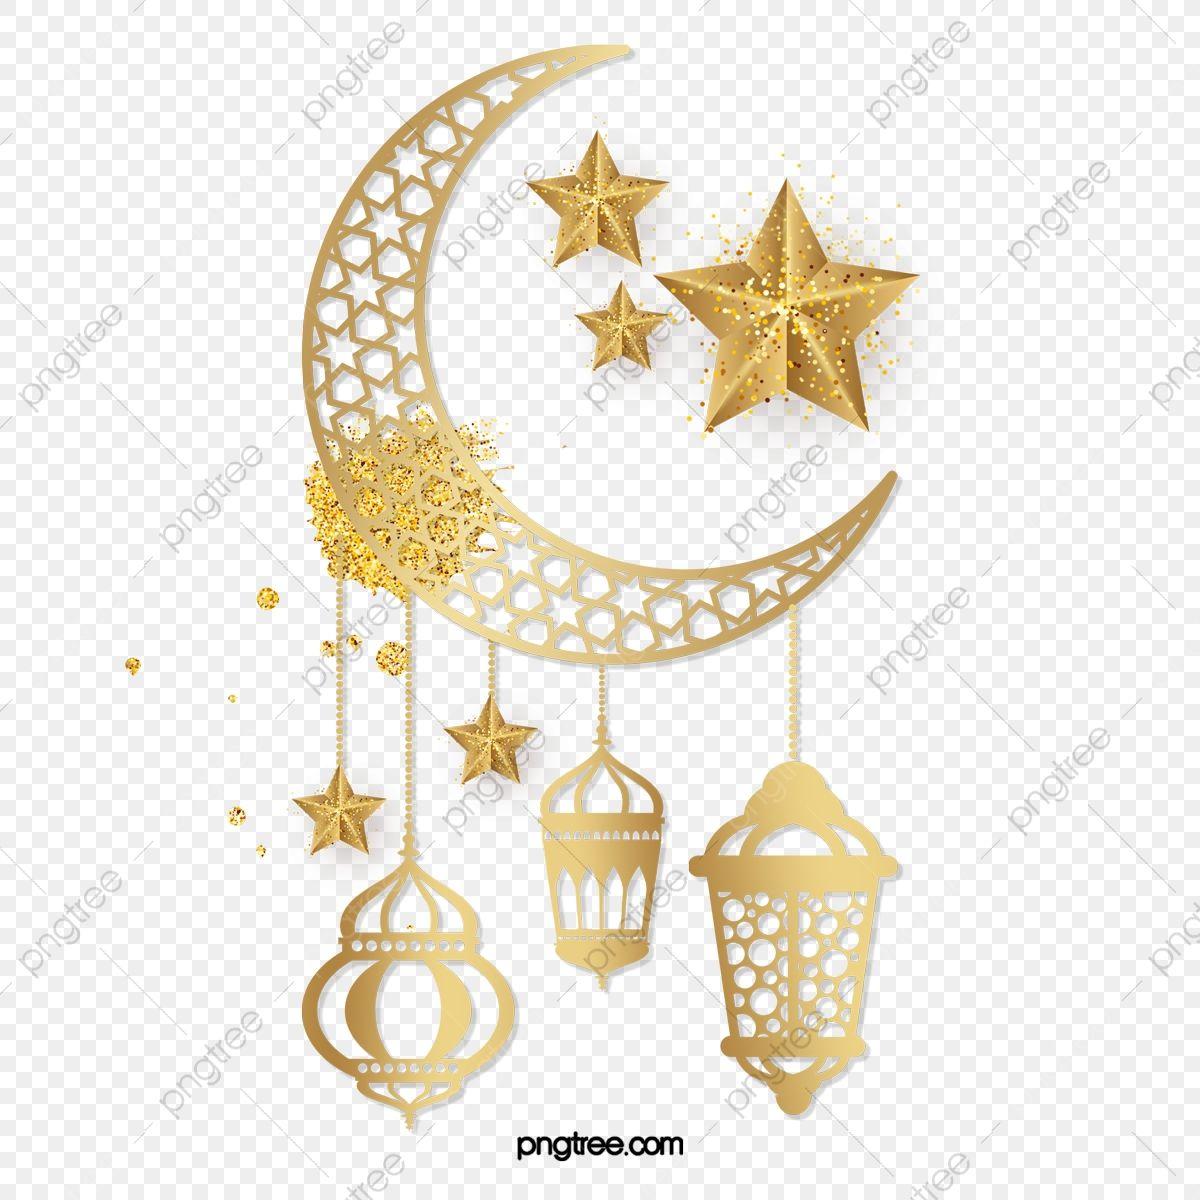 رمضان الفانوس العربي نجوم القمر الذهبي المتلألئ نجمة رمضان القمر Png وملف Psd للتحميل مجانا Ramadan Lantern Ramadan Crafts Ramadan